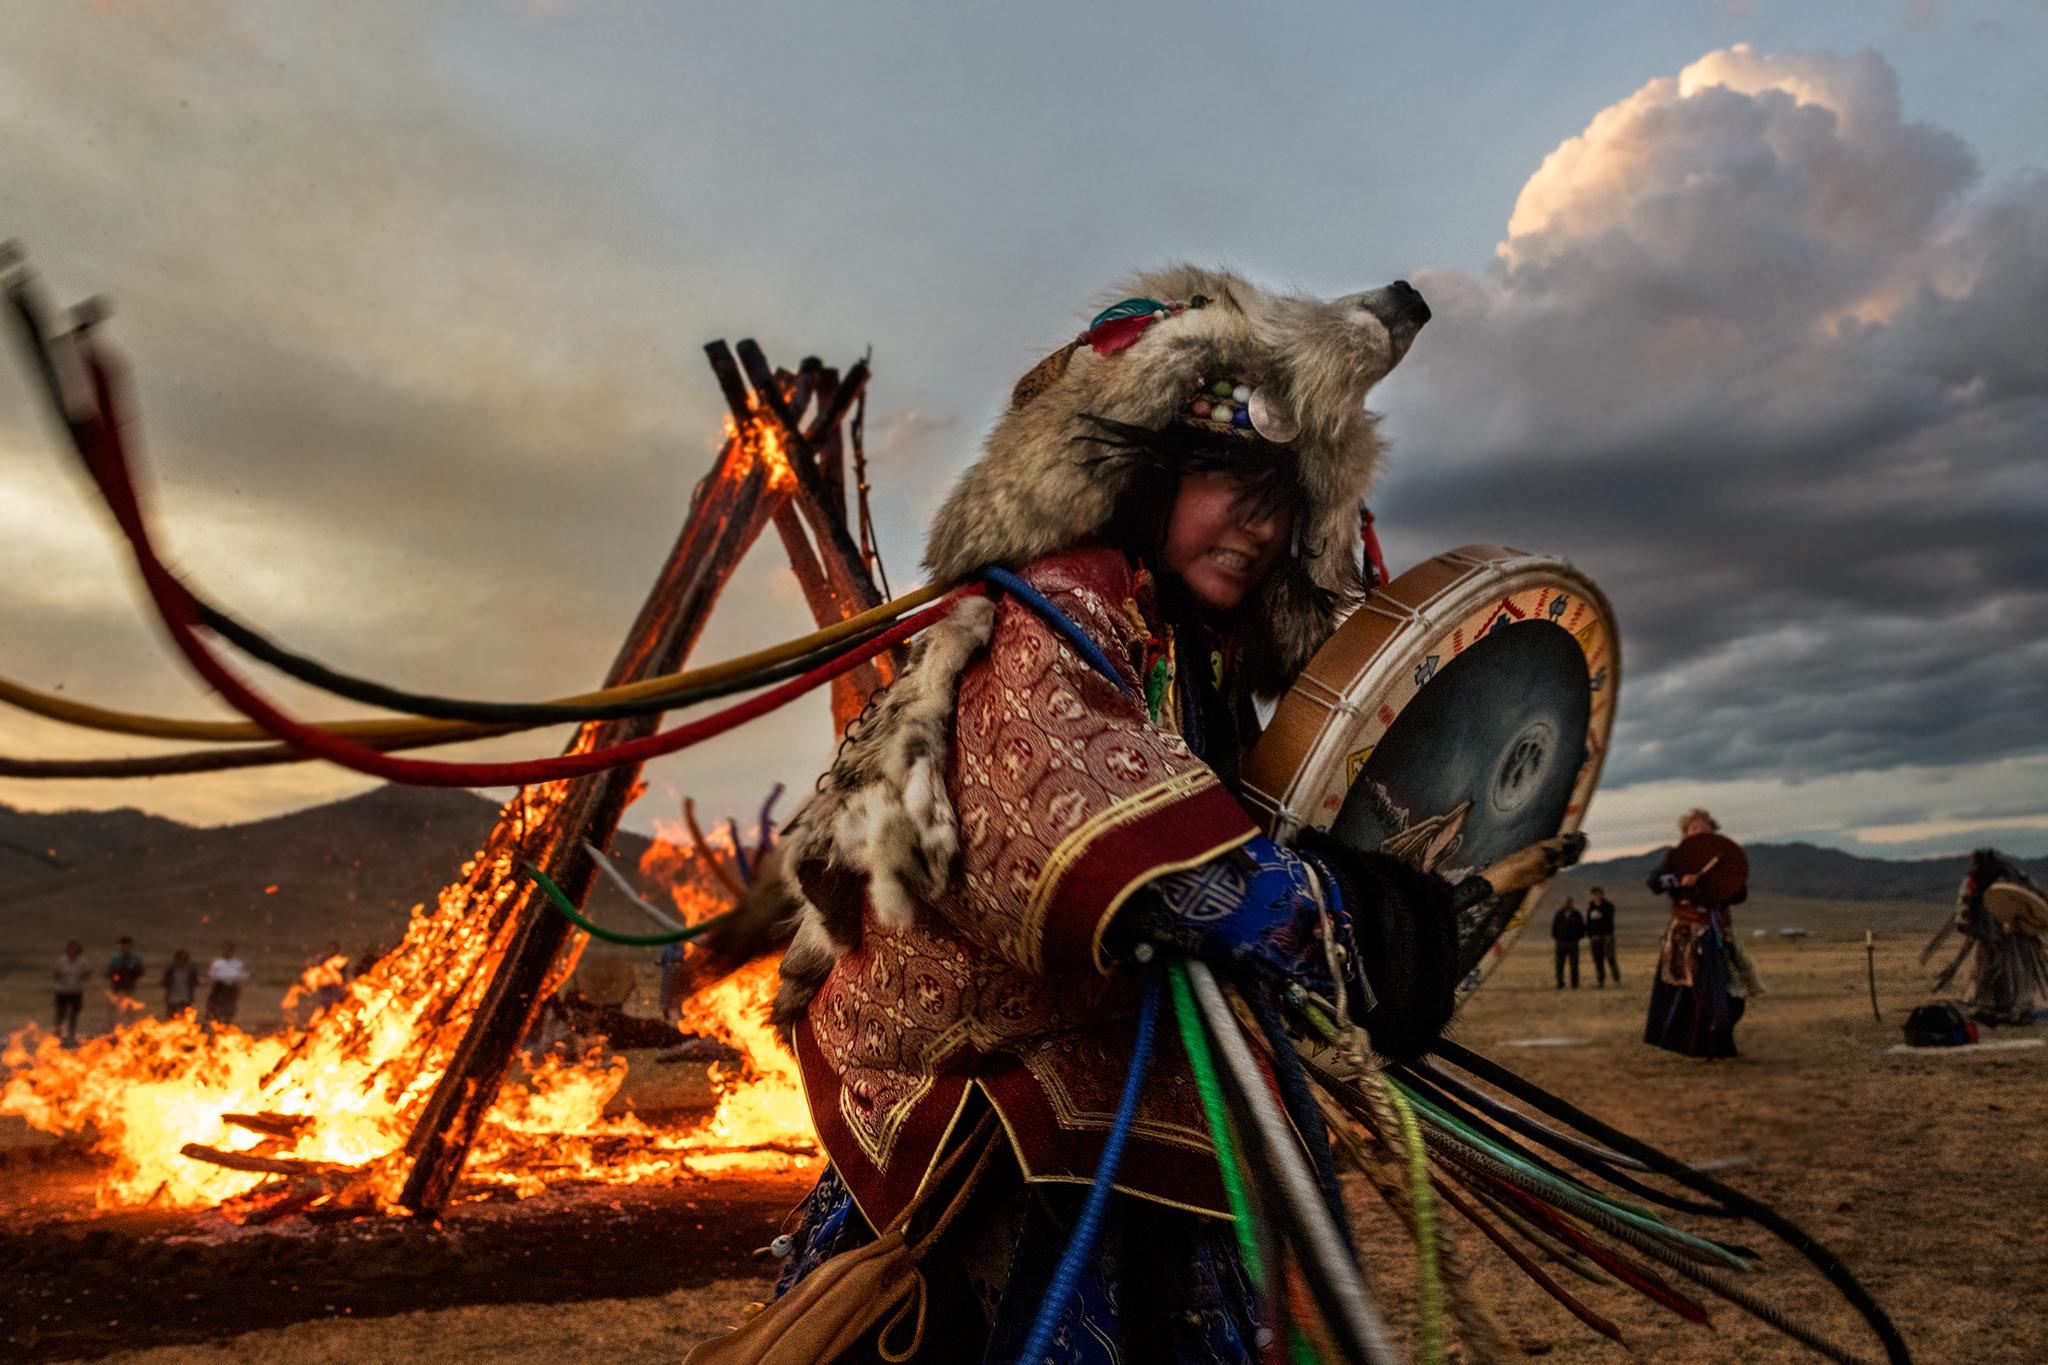 Албан ёсны тоо байхгүй ч Монголд 10 мянган бөө, удган байдаг гэнэ. Тэд мэргэжлийн холбоо, олон нийтийн байгууллагад нэгдсэн байдаг.